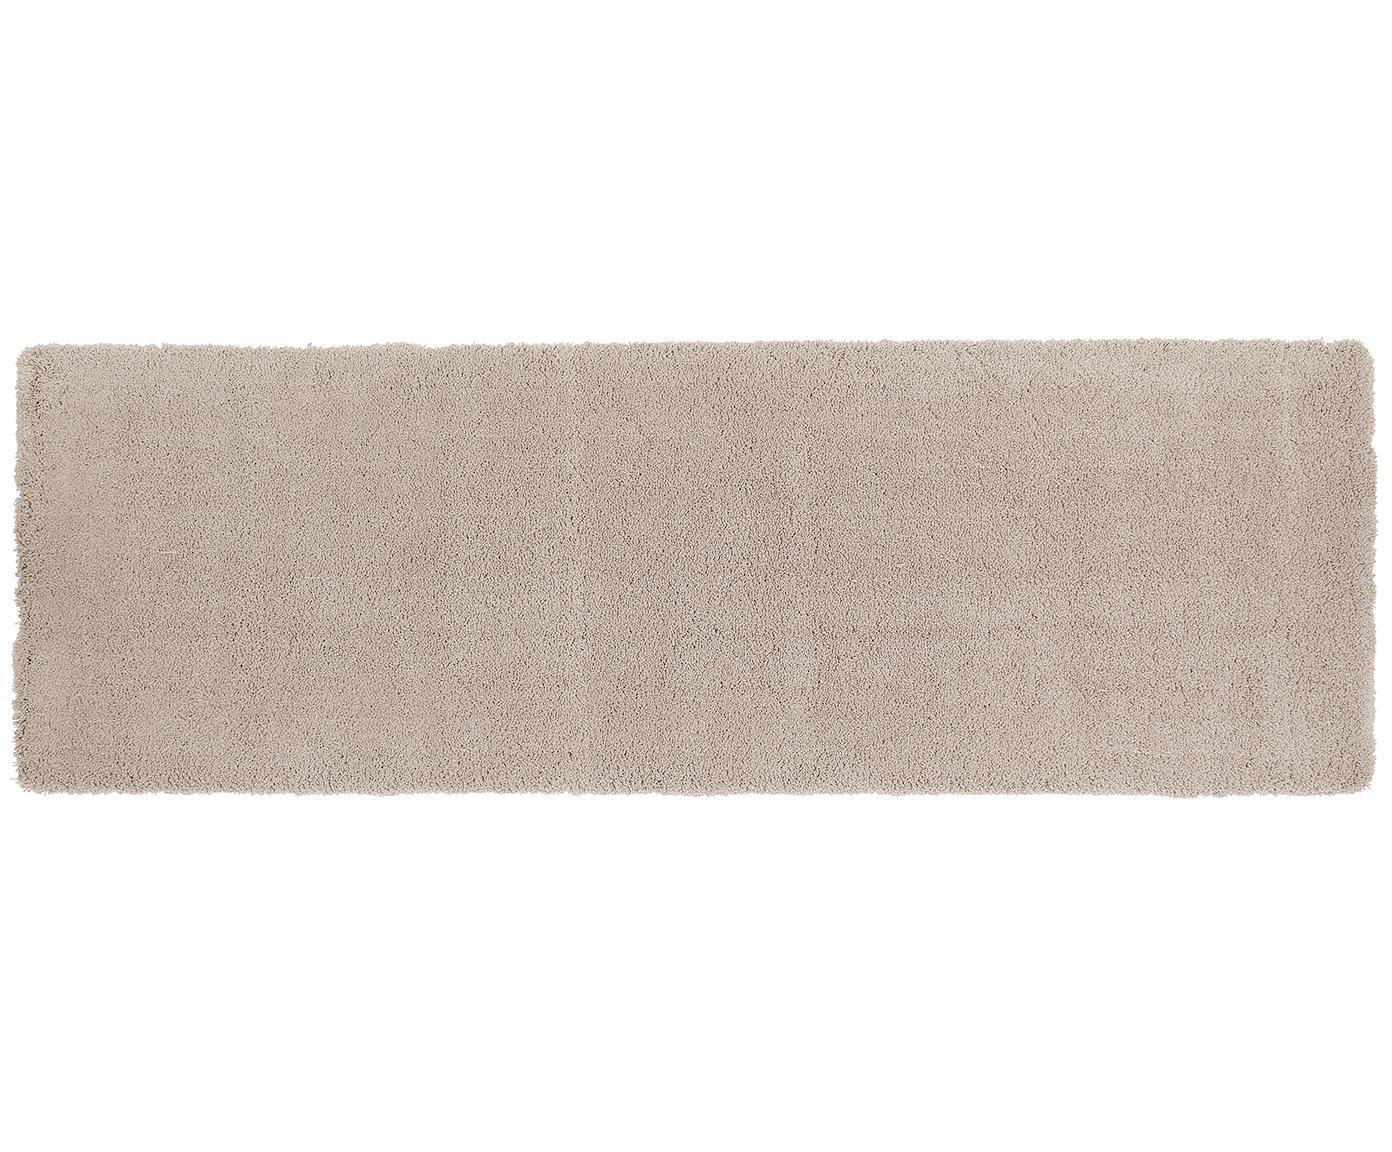 Flauschiger Hochflor-Läufer Leighton in Beige, Flor: 100% Polyester (Mikrofase, Beige-Braun, 80 x 250 cm